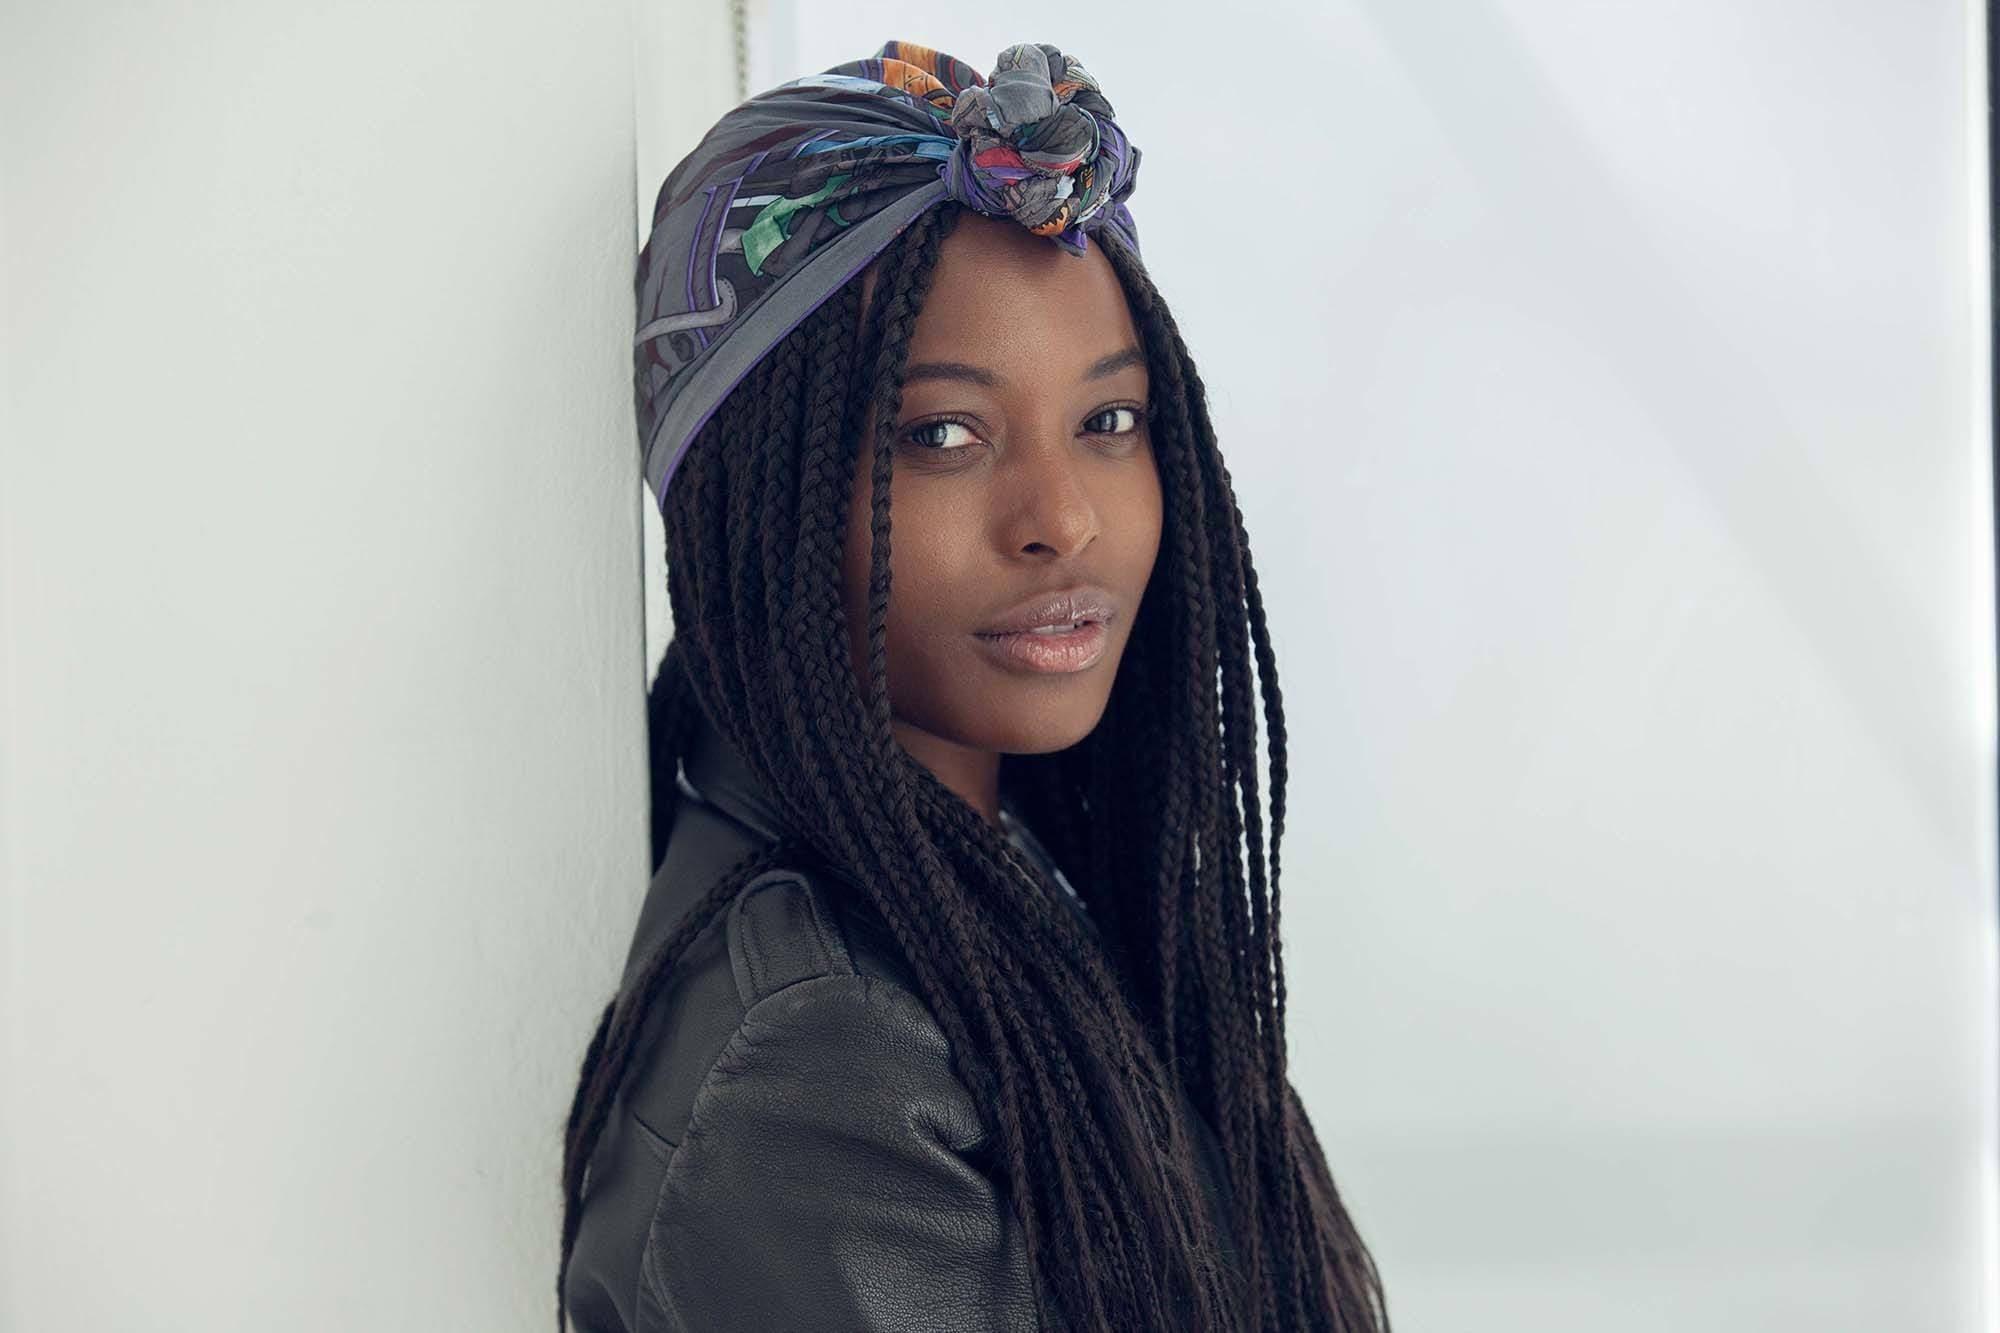 Mulher negra usa tranças e turbante, ela veste roupa preta